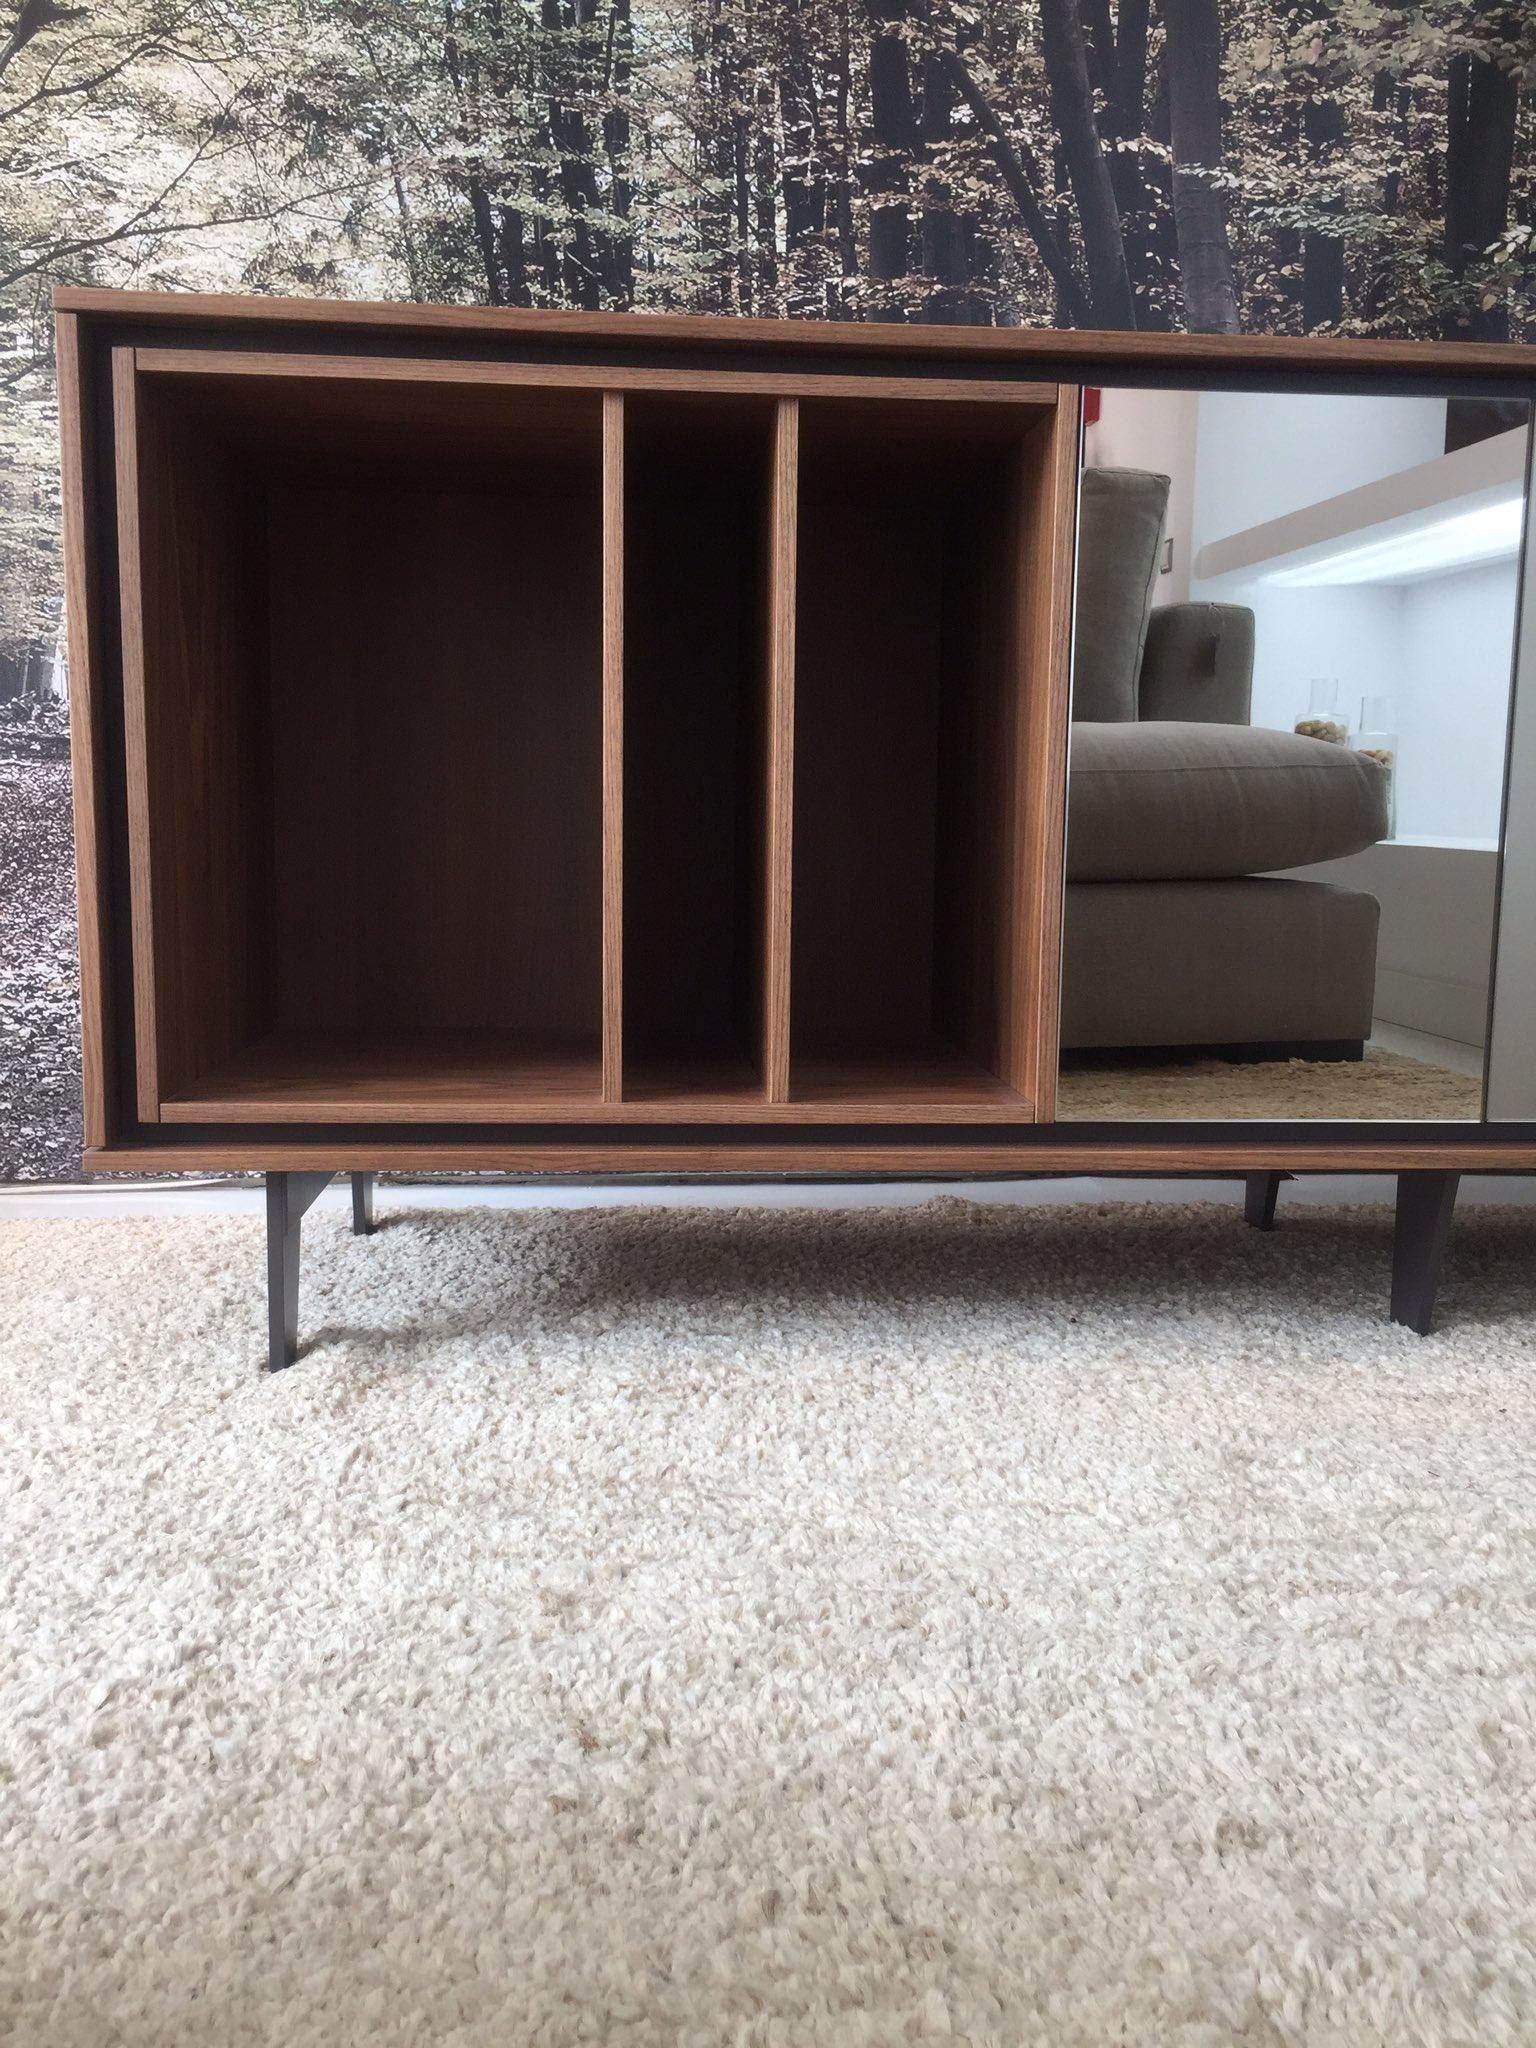 El #FF es para @mueblesverge y su mobiliario contemporáneo de alta calidad. Mismo aparador, diferentes almas. https://t.co/E1b5HRpnbC